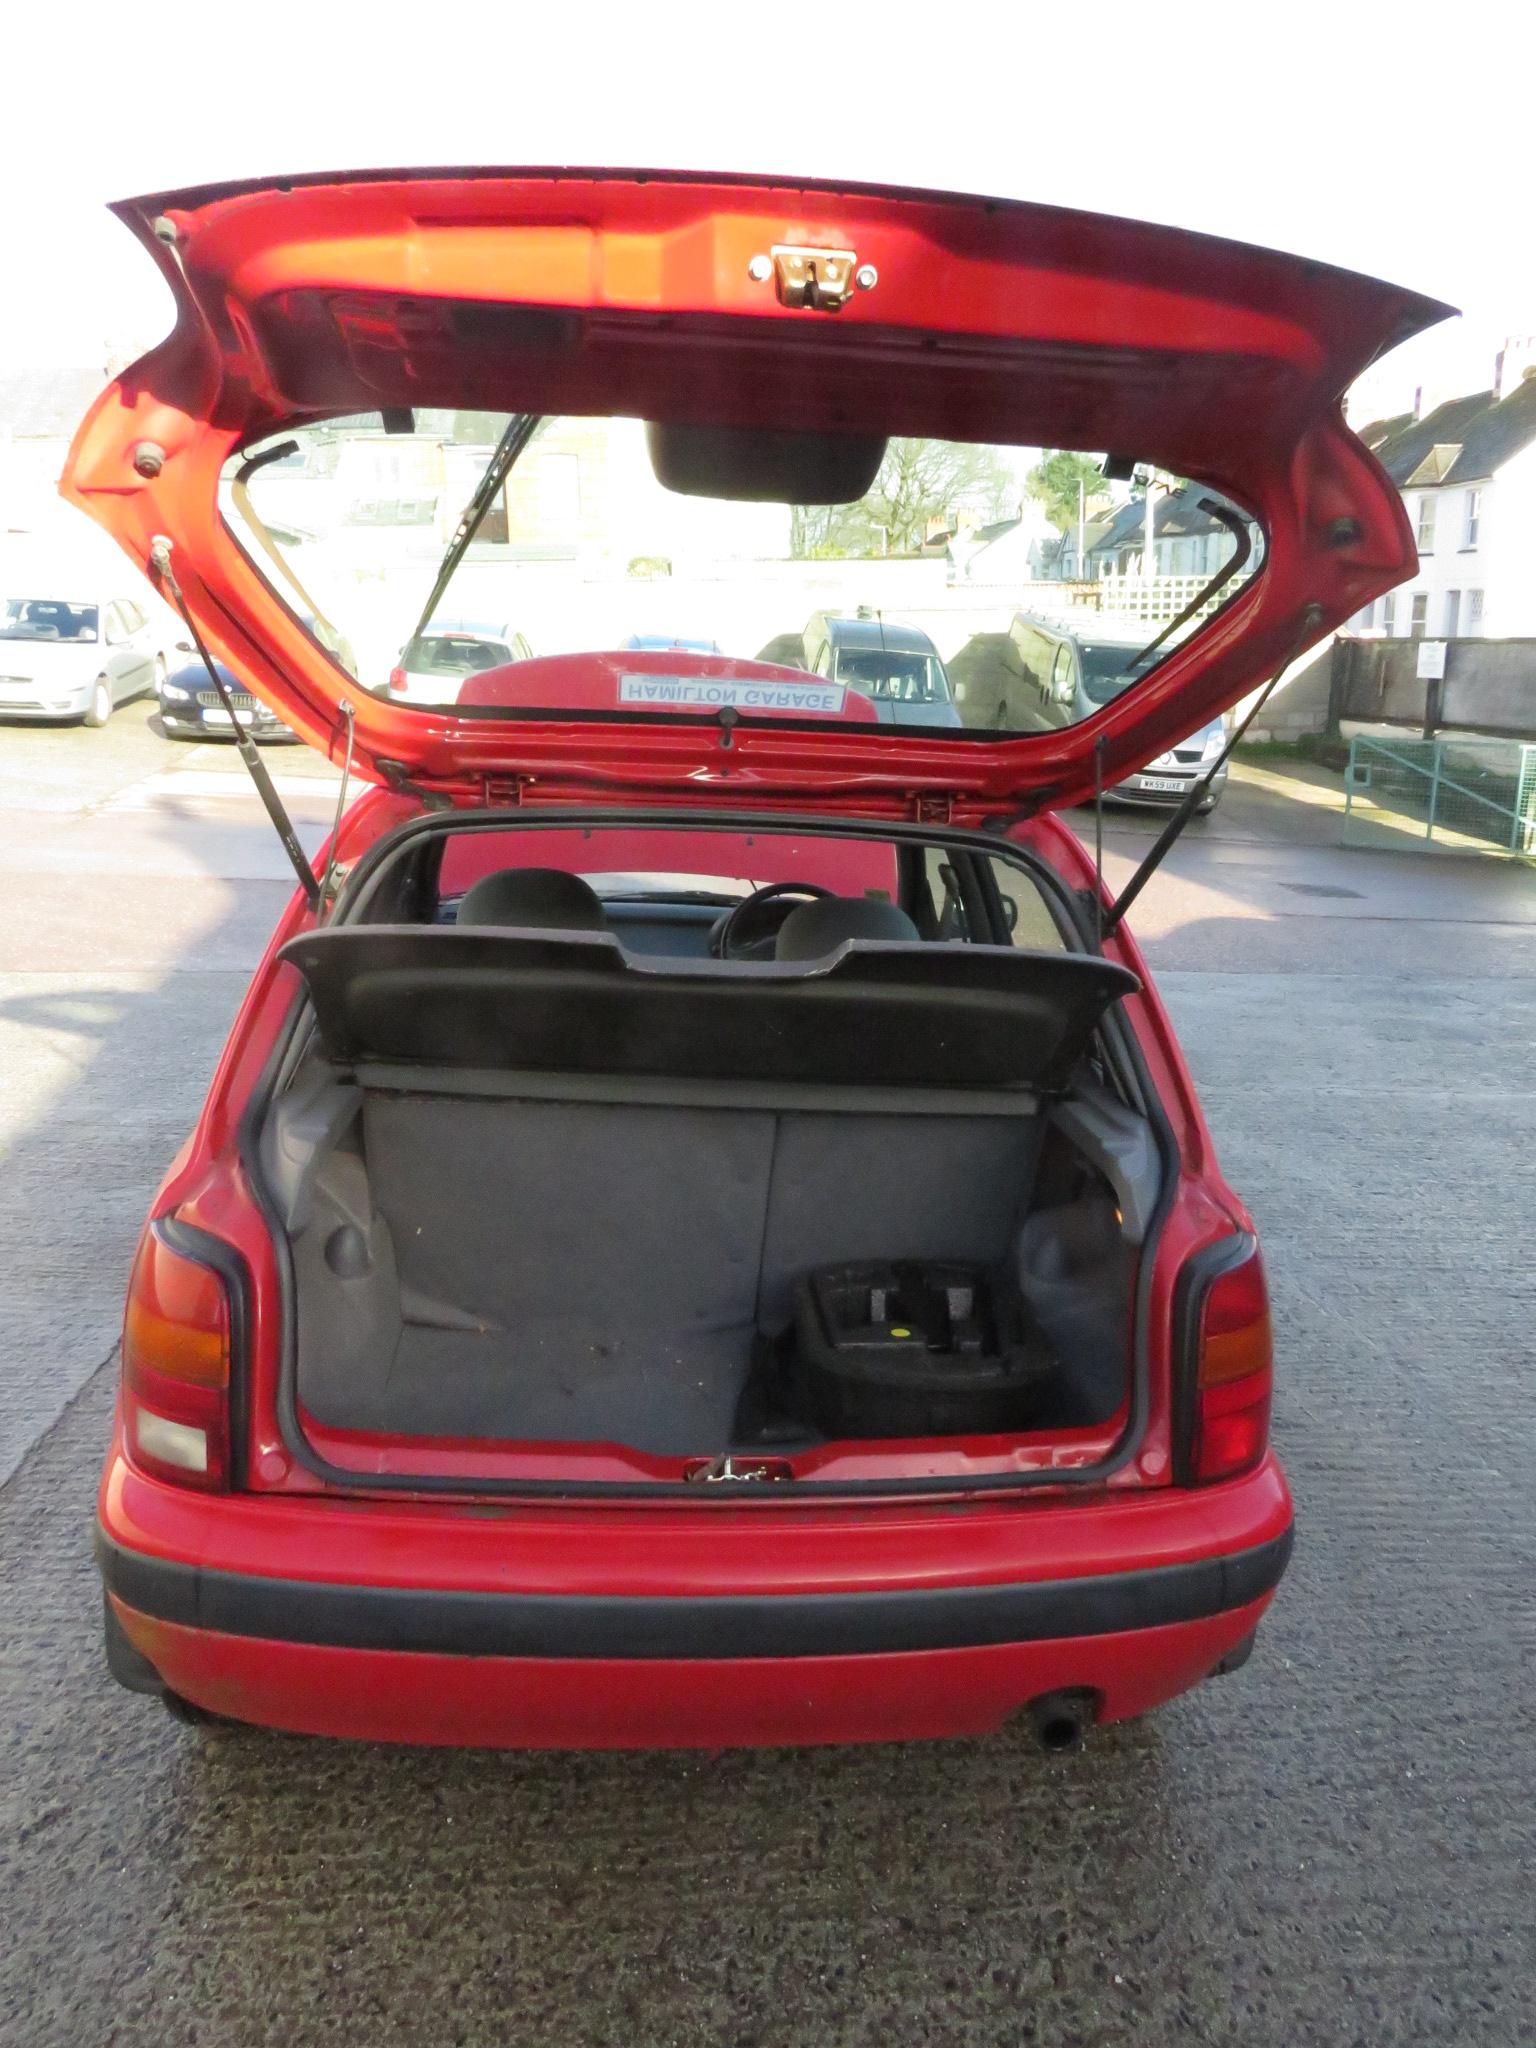 Lot 1 - FROM DECEASED ESTATE - RED NISSAN MICRA 1.3GX FIVE DOOR HATCHBACK, R405GDV REGISTERED 28/11/97,